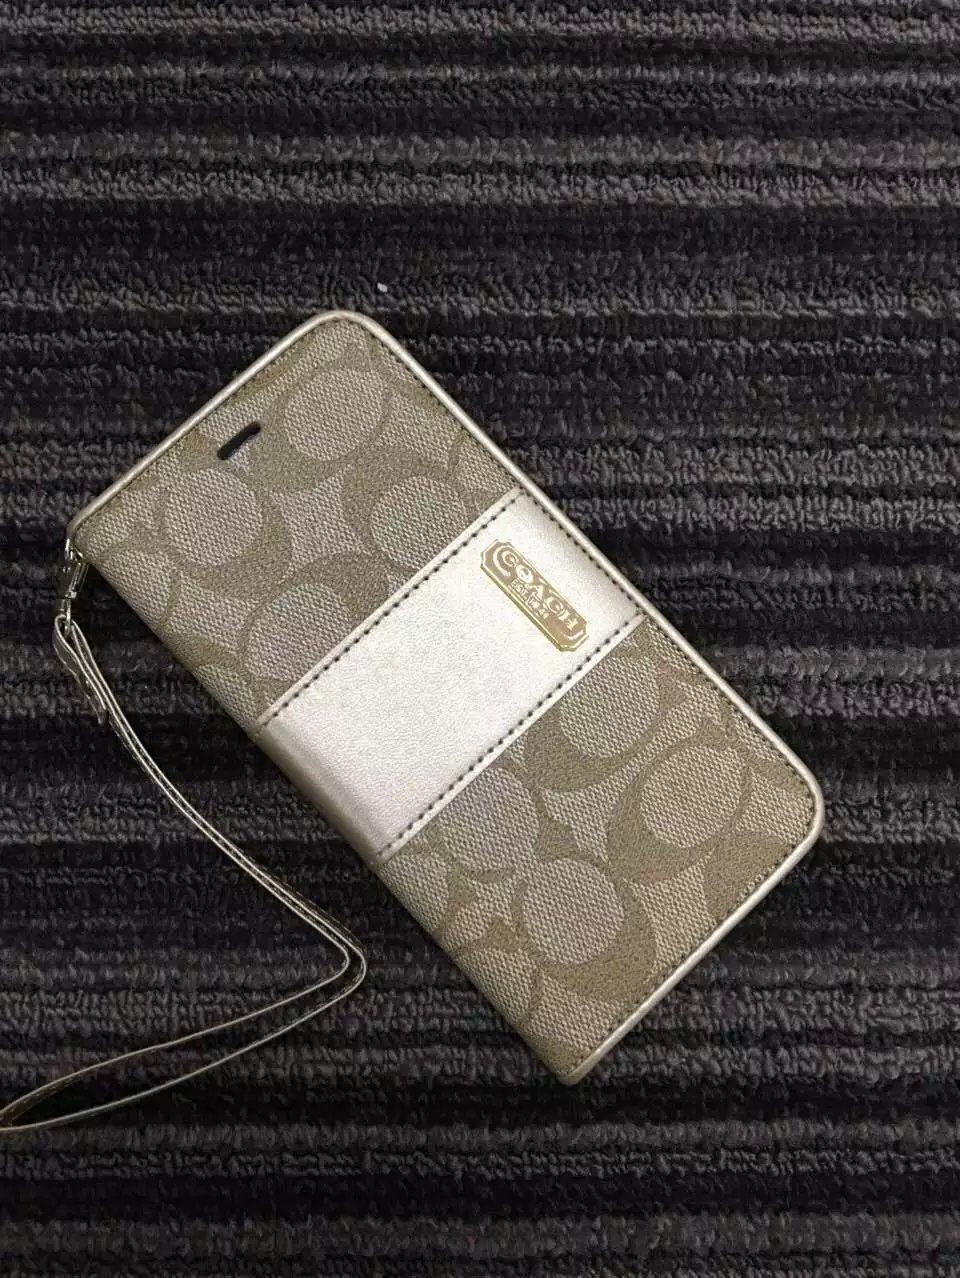 aba828f953 人気ブランド コーチ iphone 6s/6/SE/5S/5 ケース 手帳型 coach ...